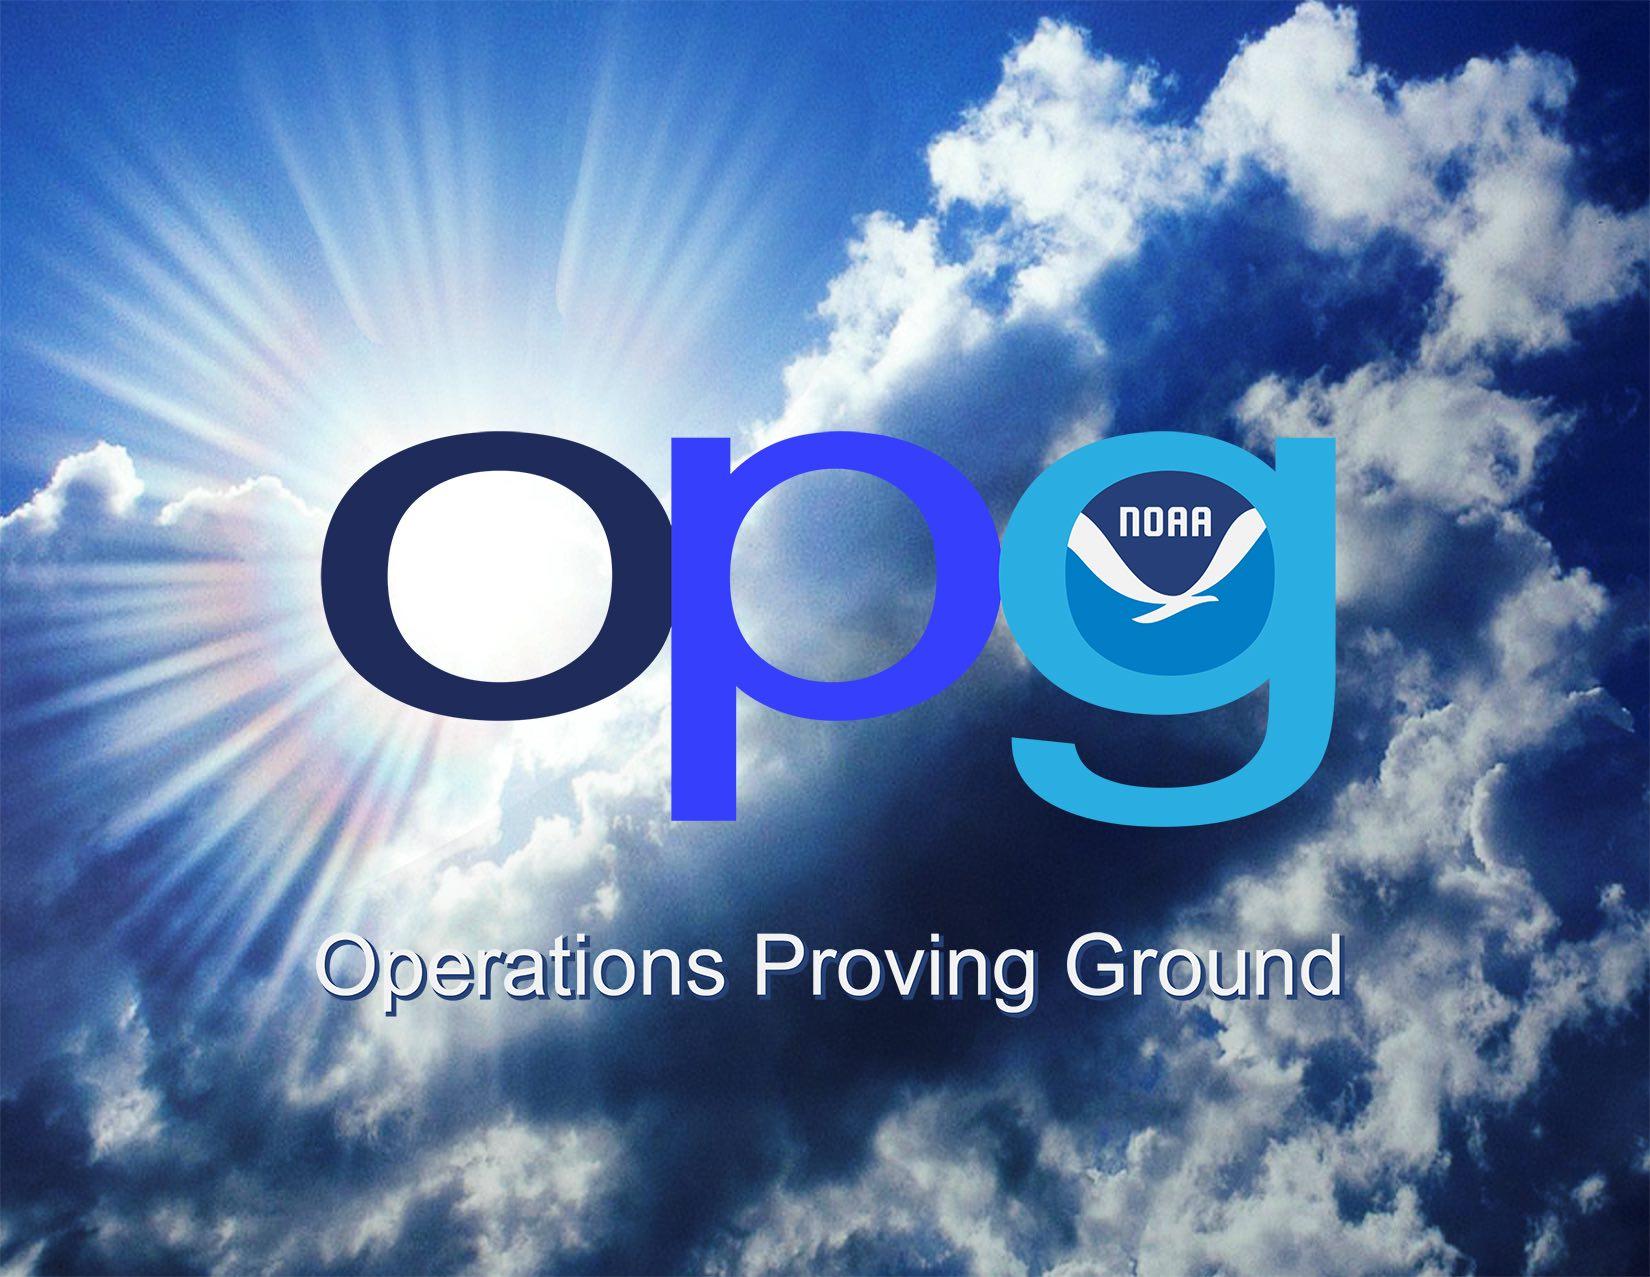 NOAA_OPG_LOGO.jpg